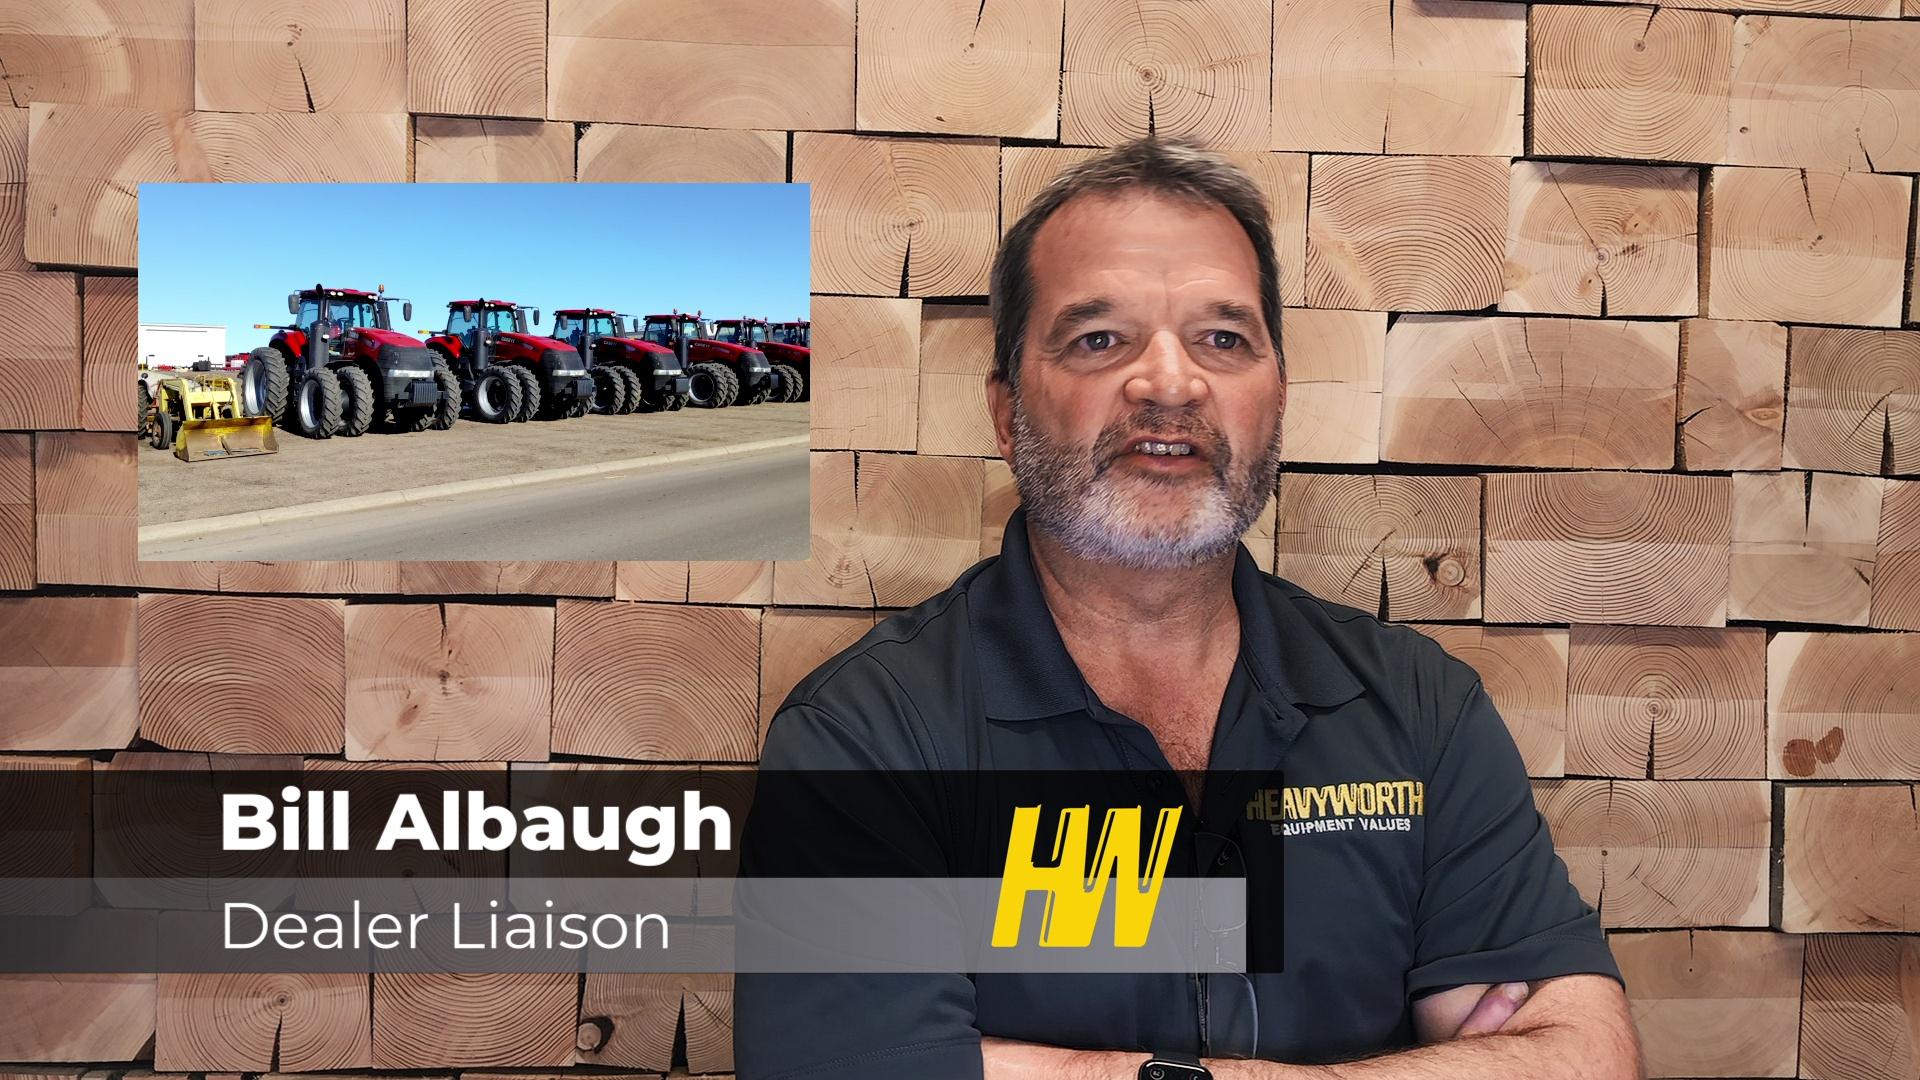 Bill Albaugh, dealer liaison